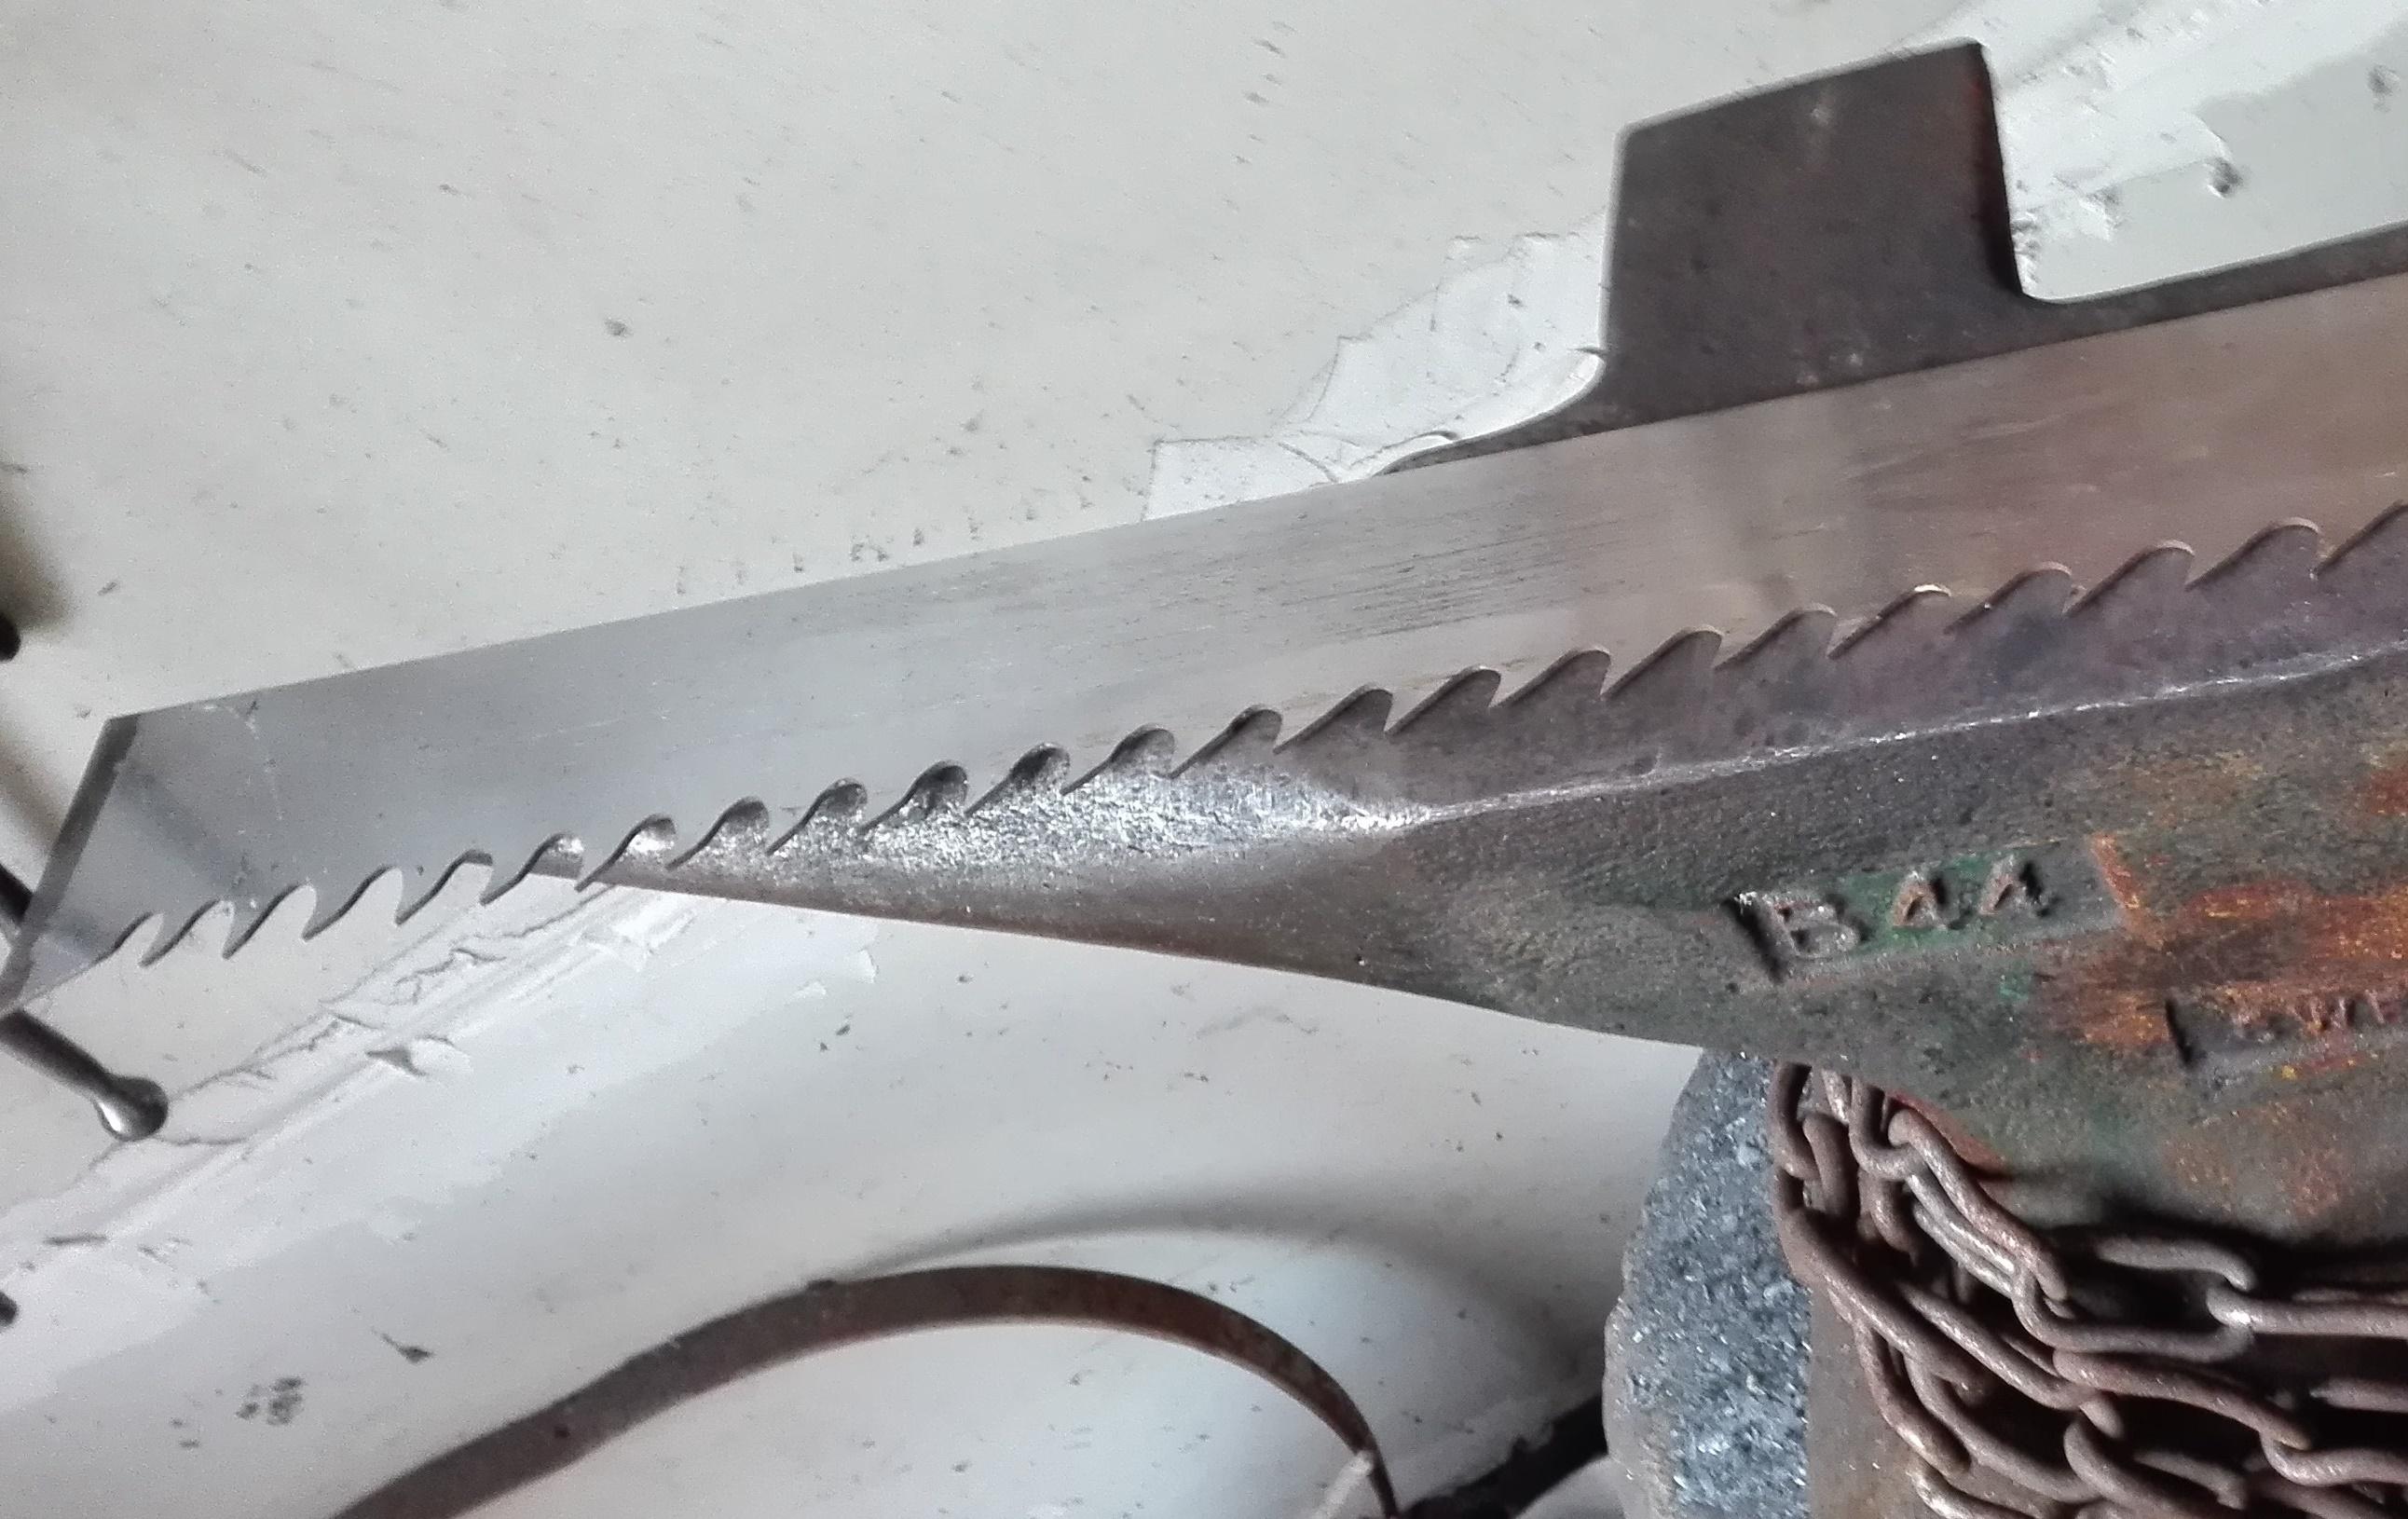 9 mal Gattersäge, eine Projektaufgabe - Schmiede das Eisen